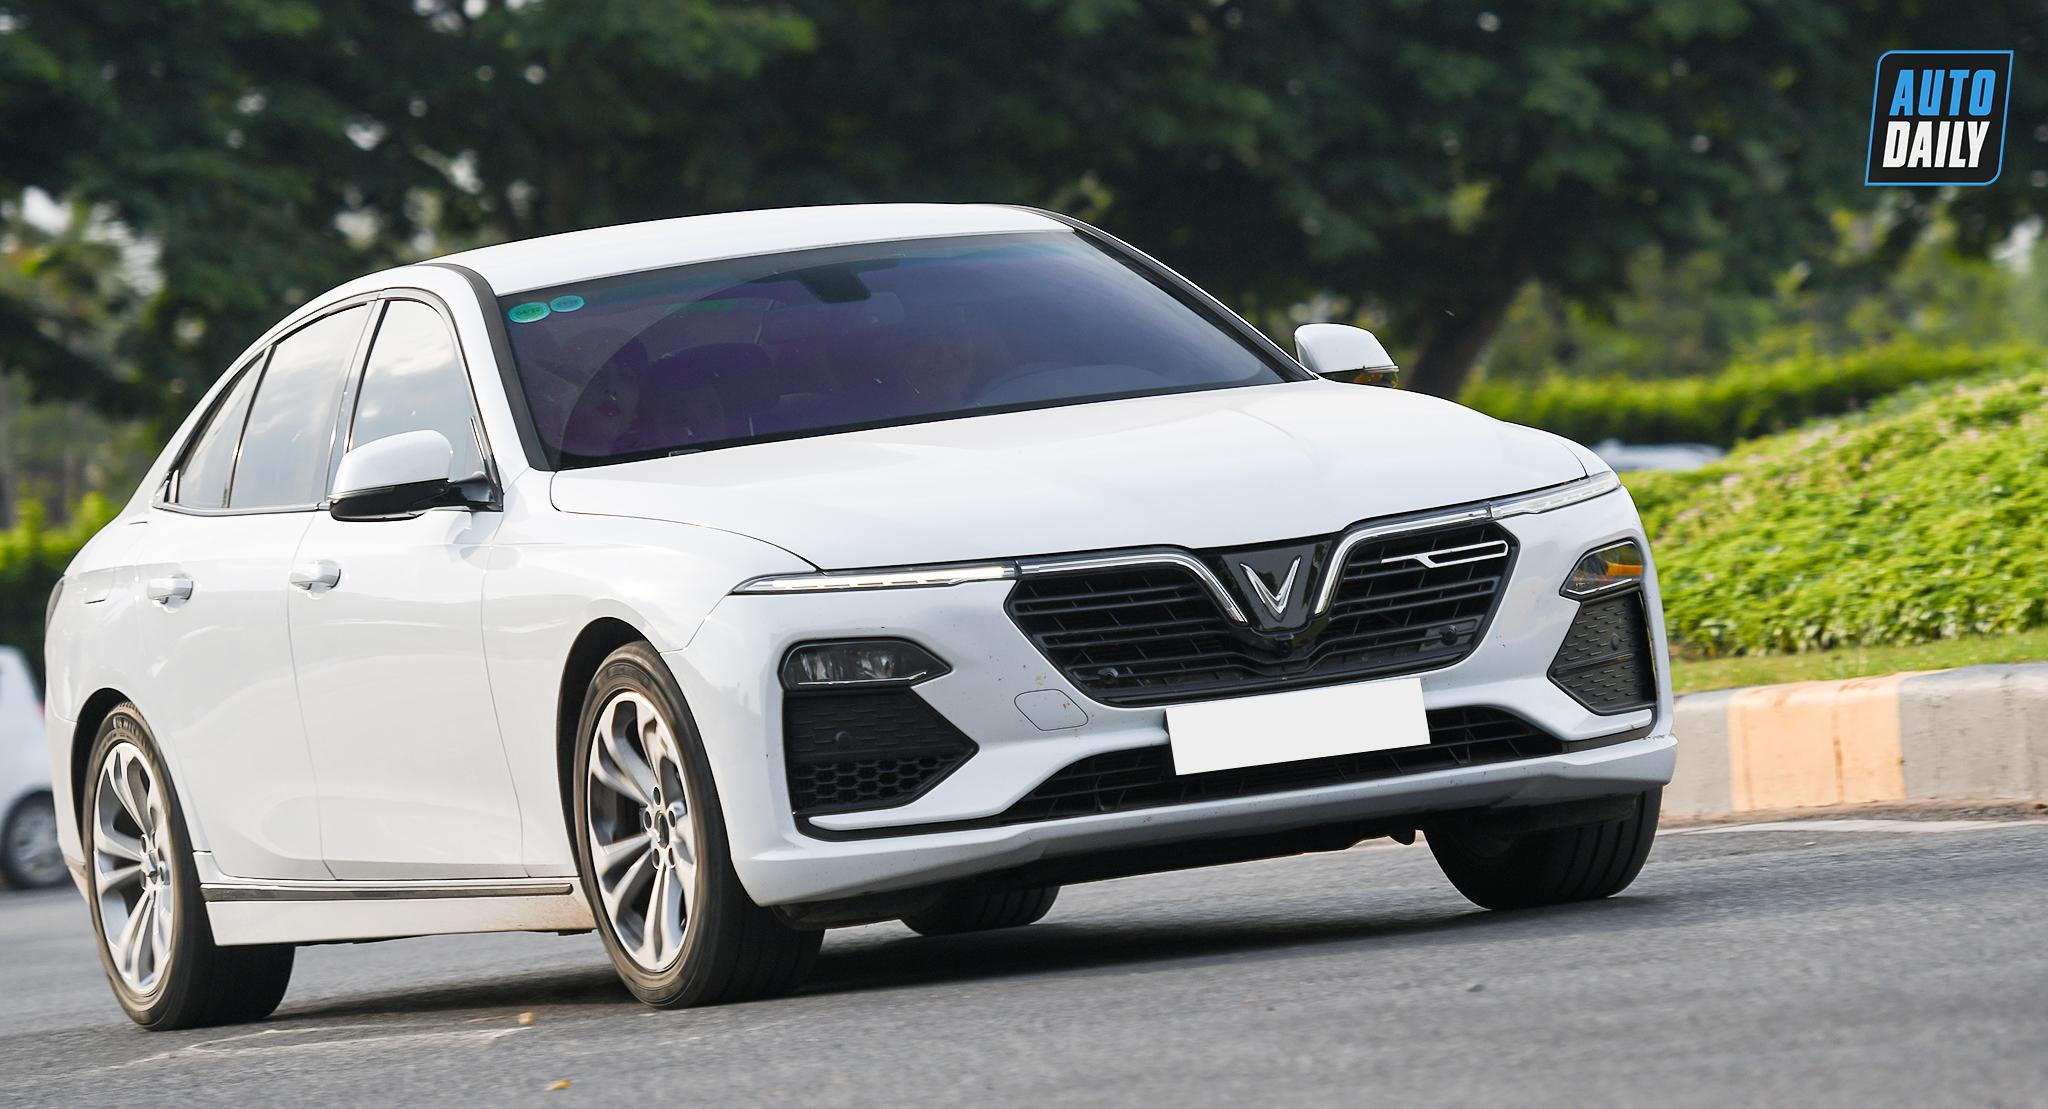 5 thương hiệu ôtô bán nhiều xe nhất tại Việt Nam năm 2020 dsc-3162-copy.jpg